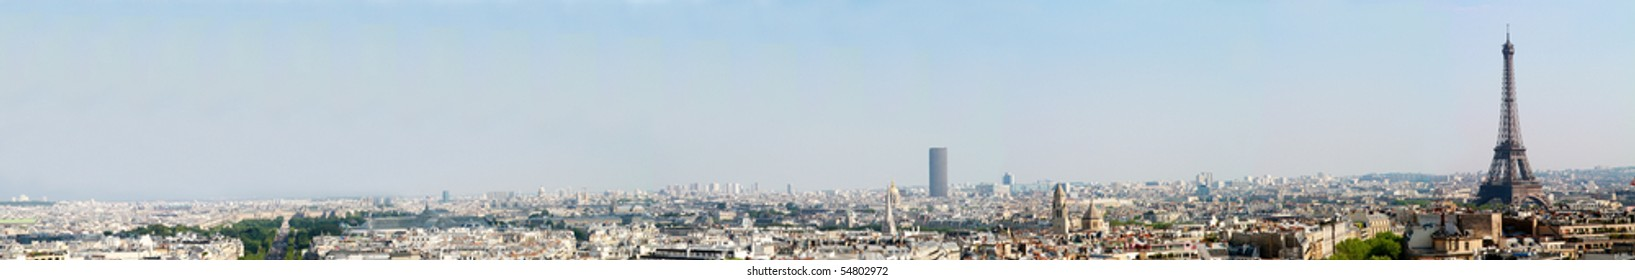 Paris, panoramic view of the city